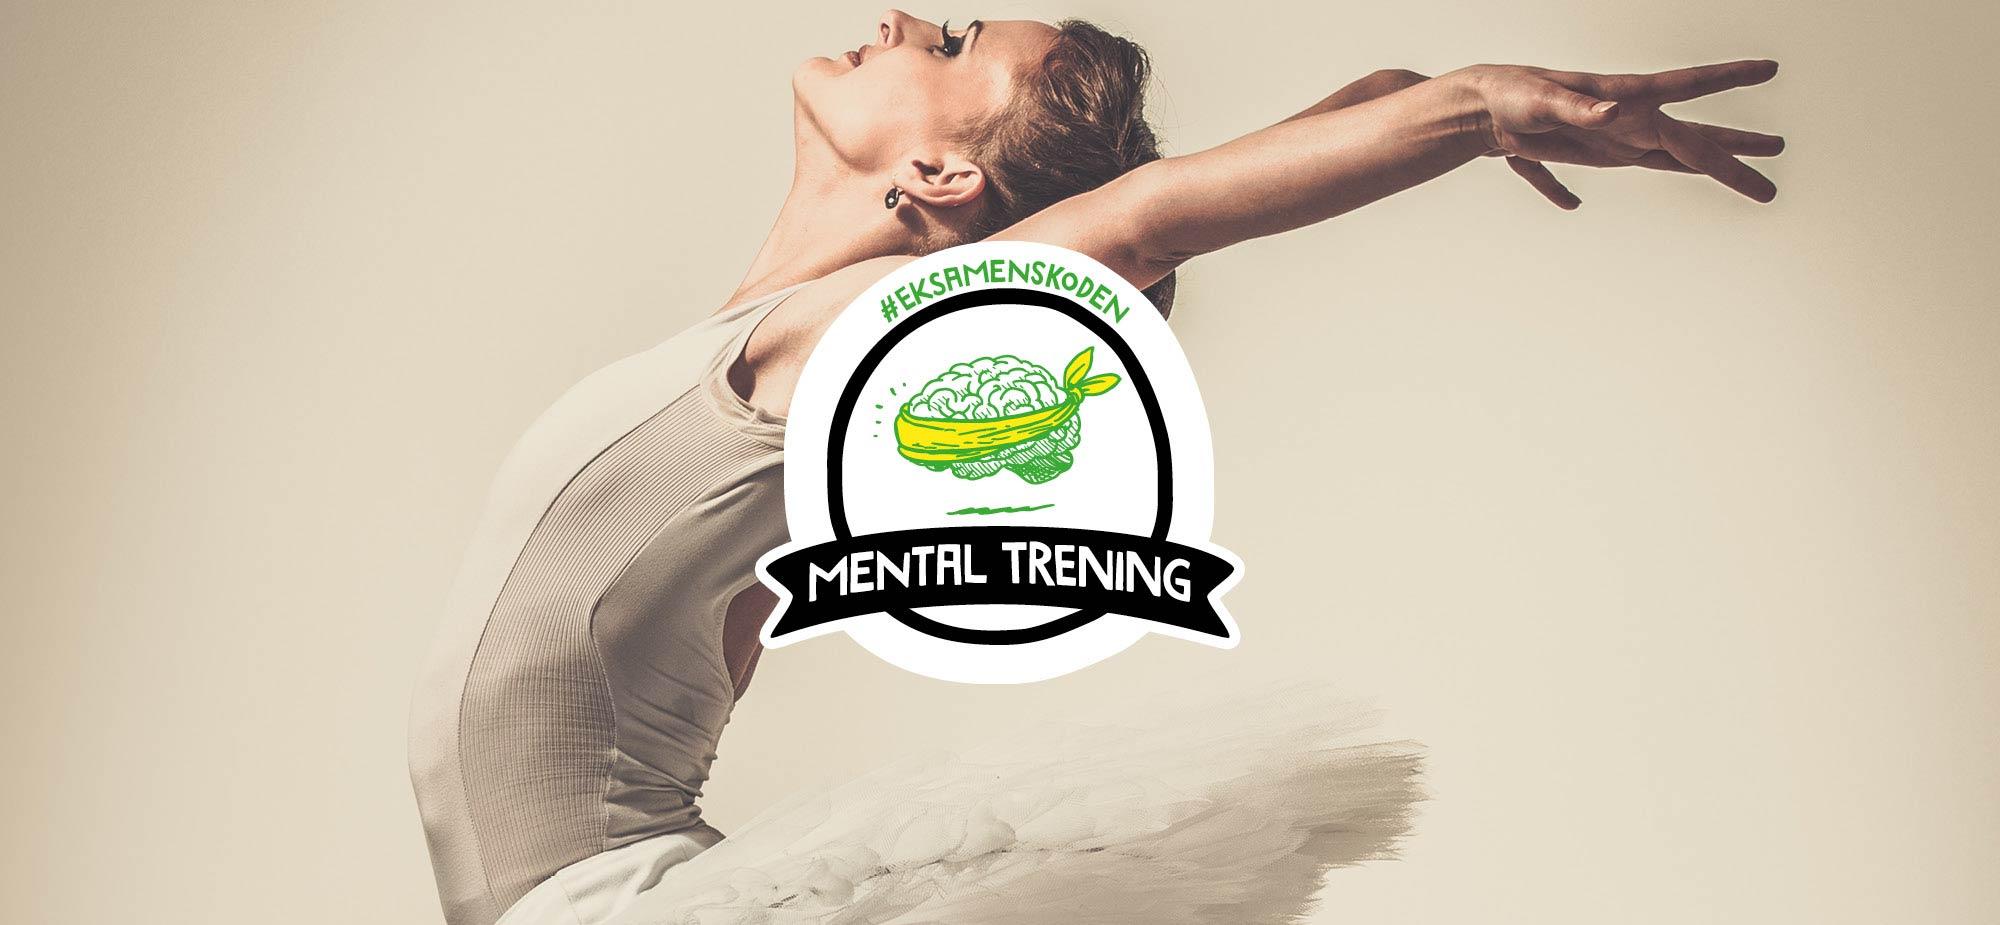 Eksamenskoden fokusområde Mental trening